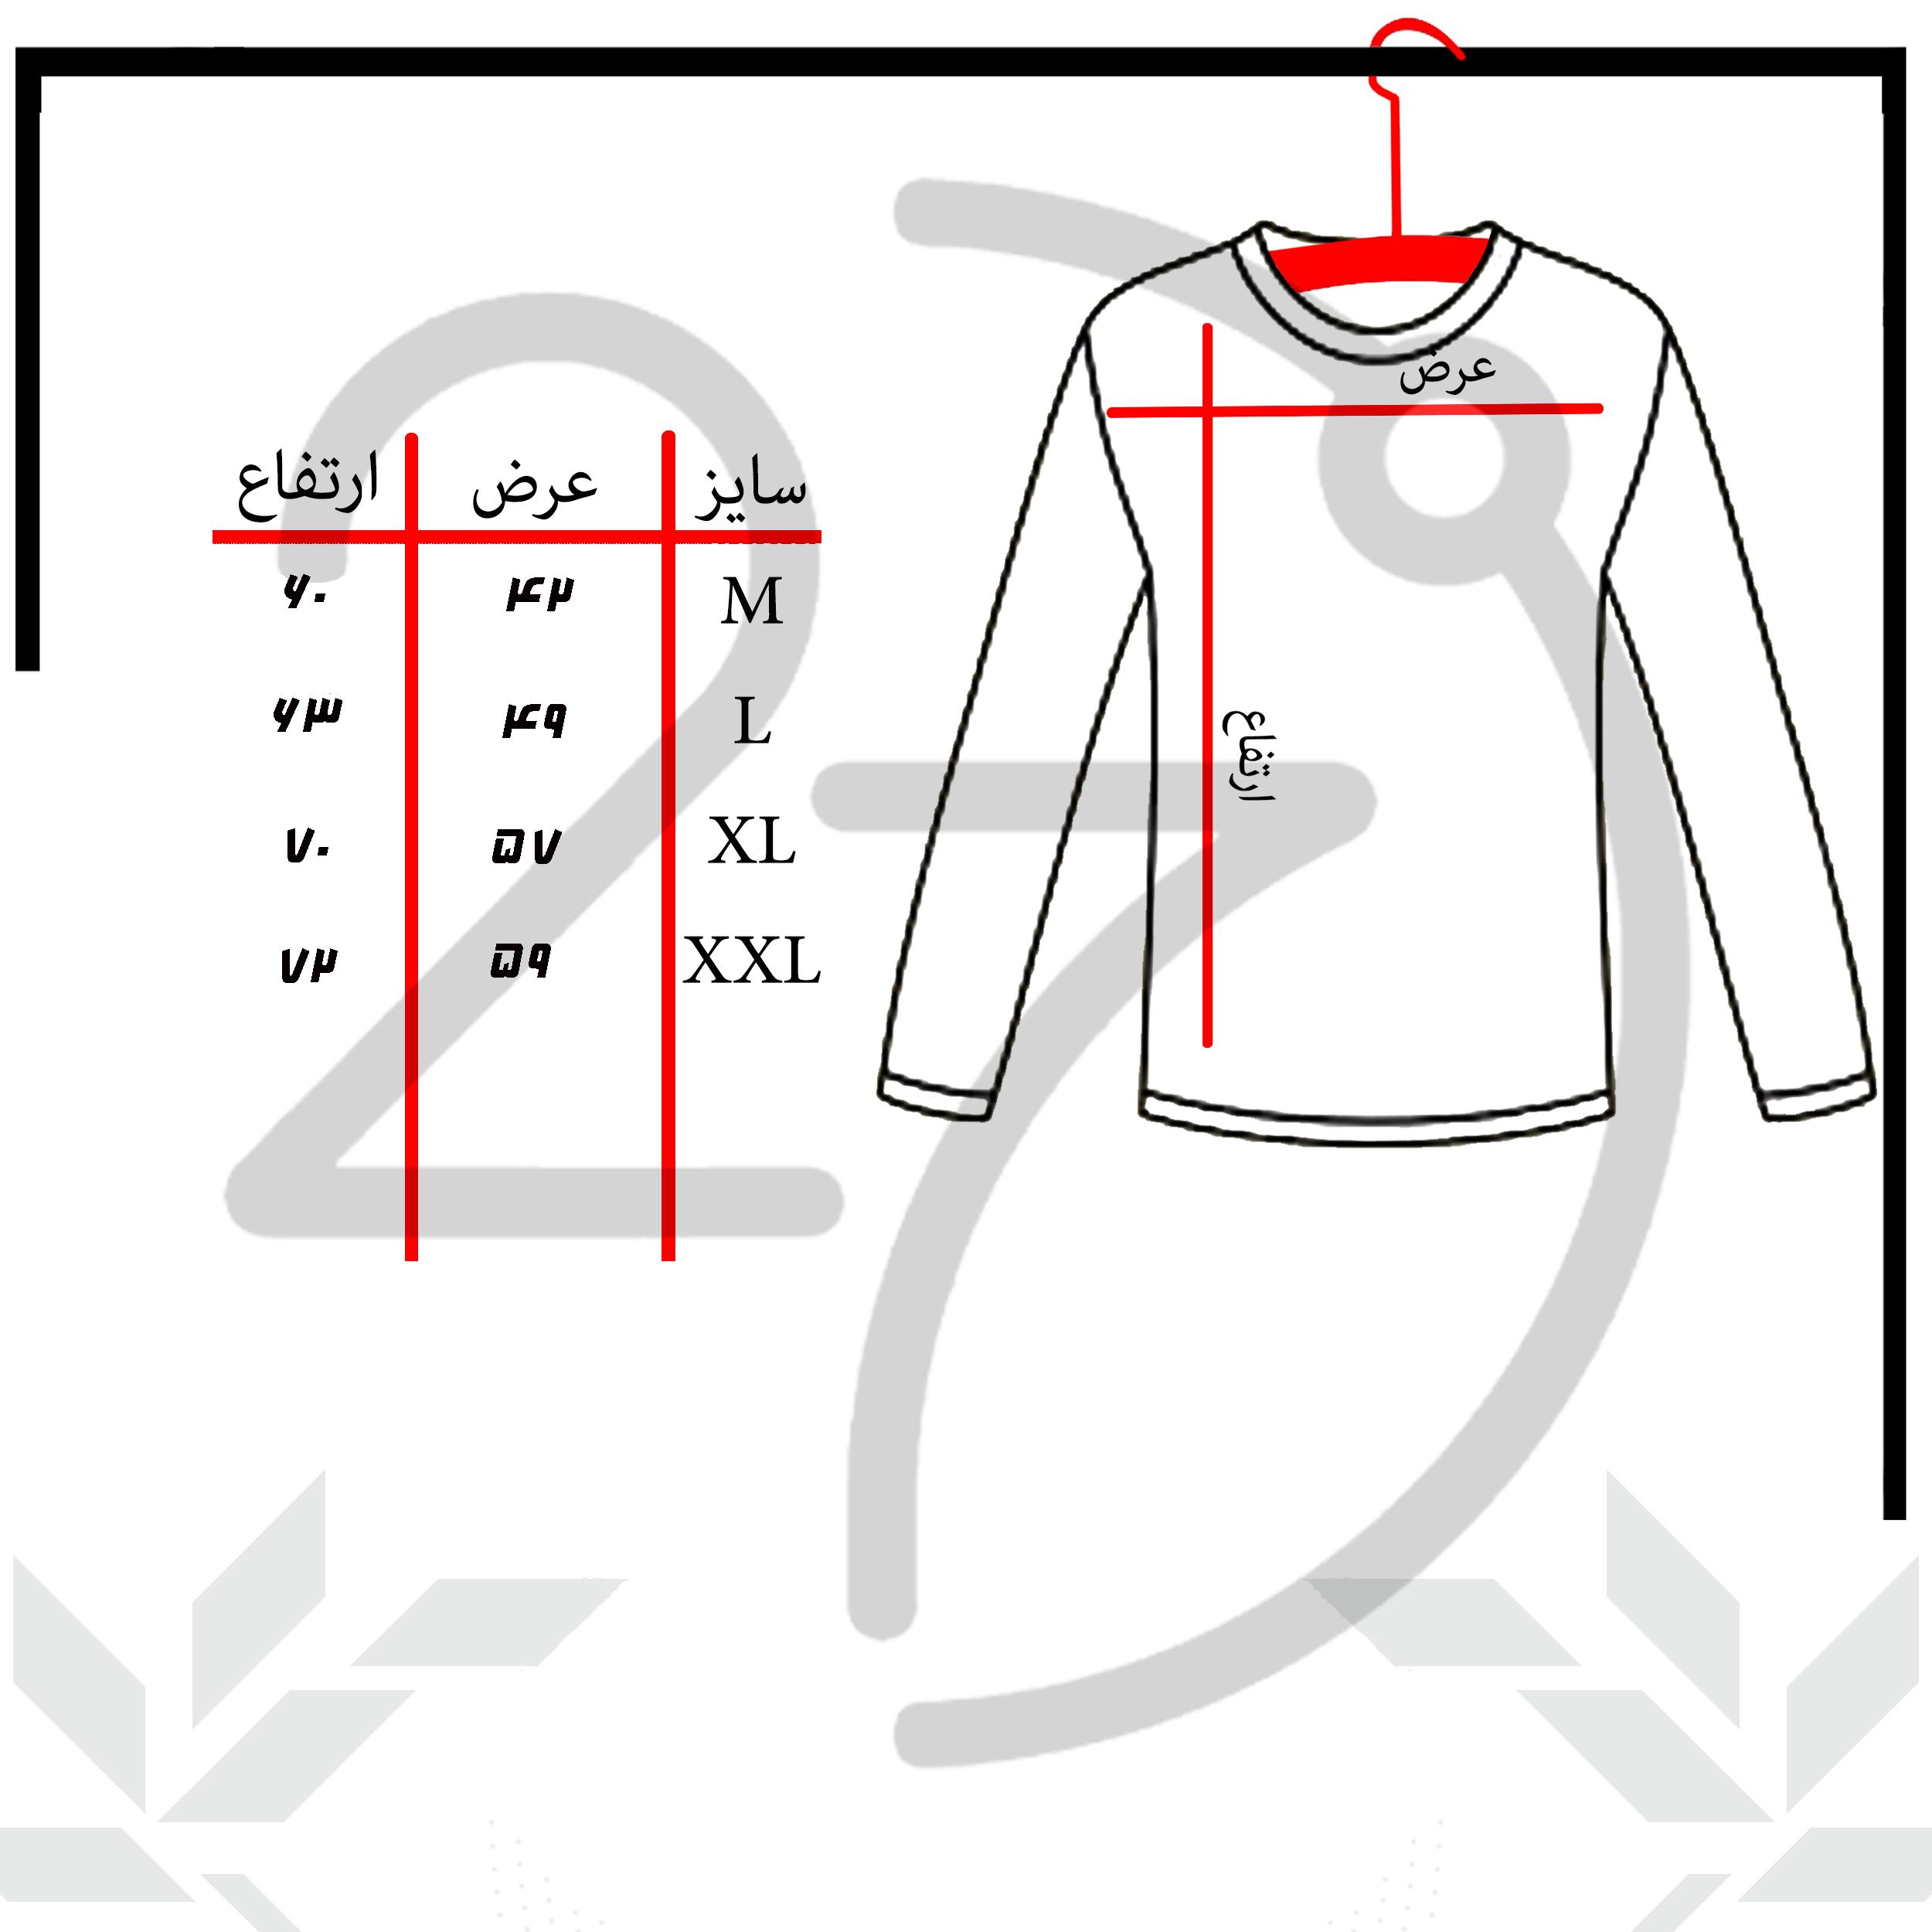 تی شرت آستین بلند زنانه 27 مدل گل رز کد B111